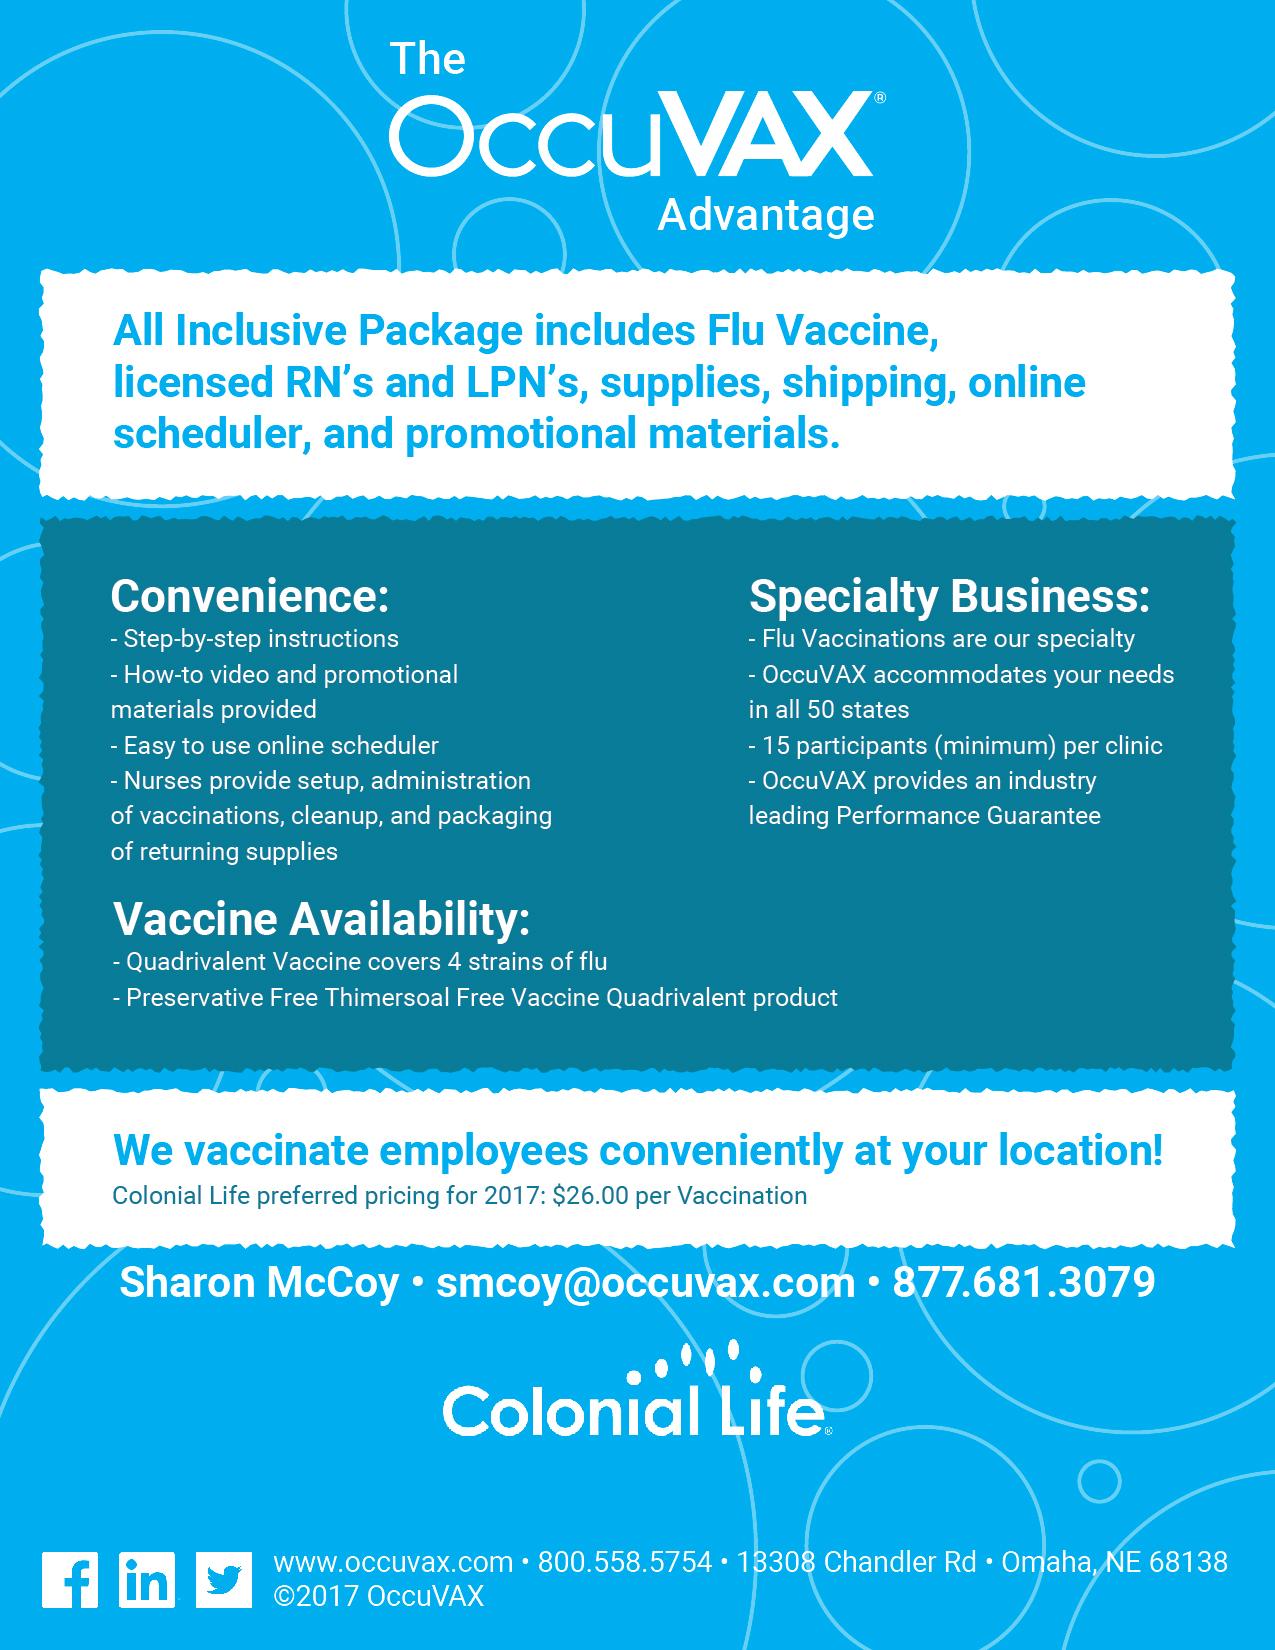 The Occuvax Advantage flyer -